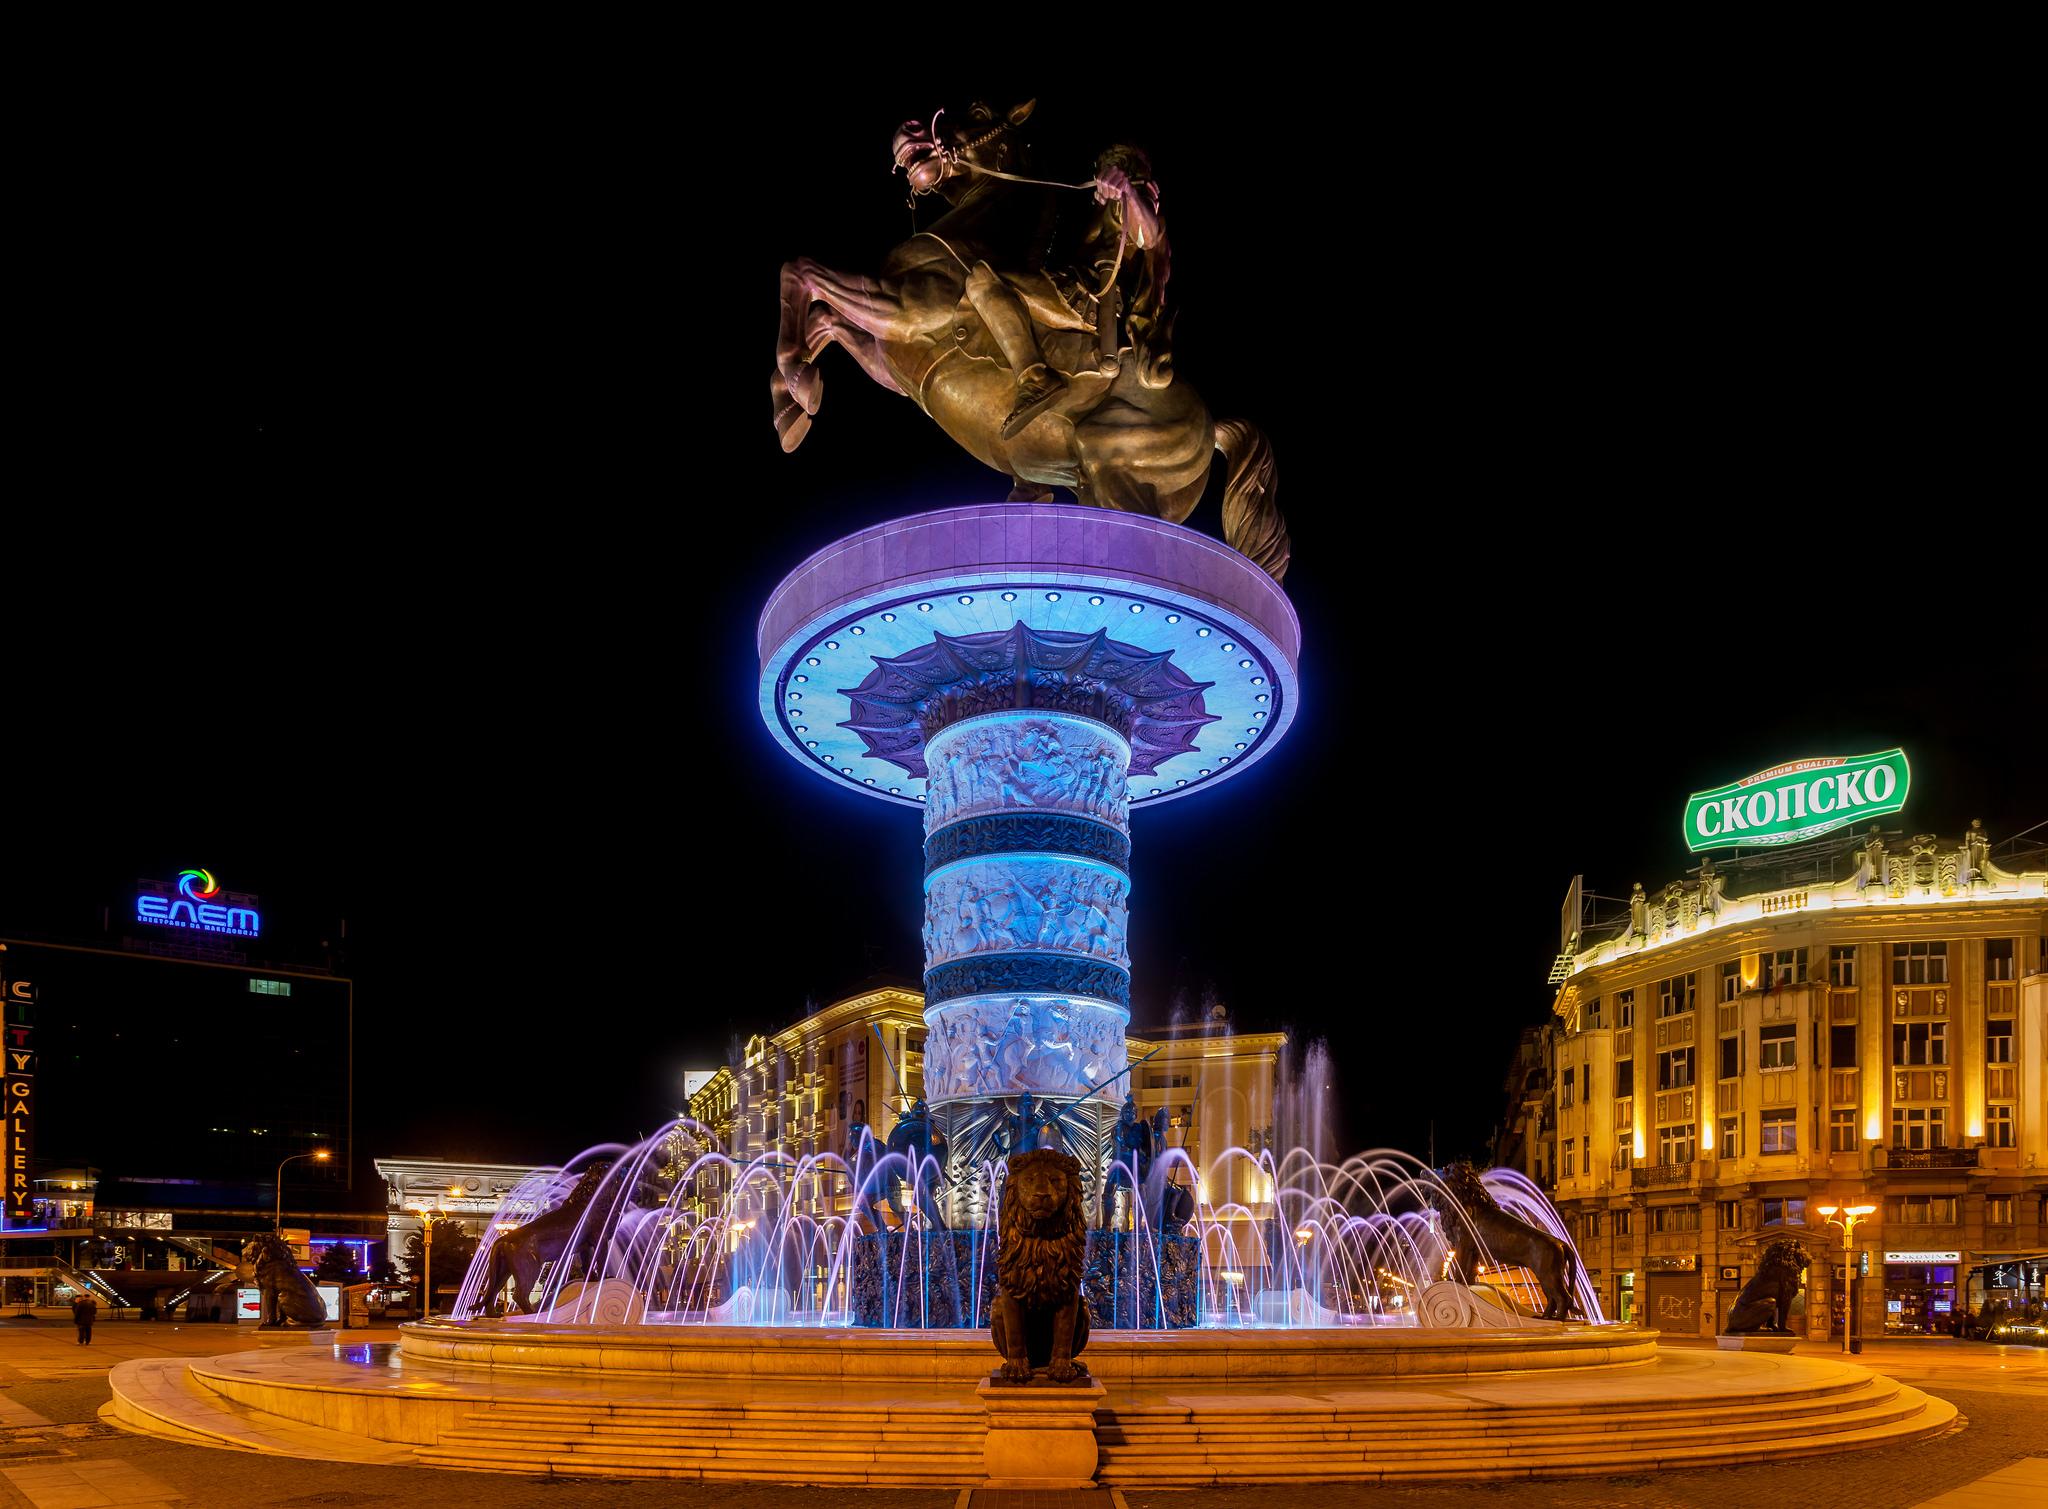 Skopie | Diego Delso (CC)